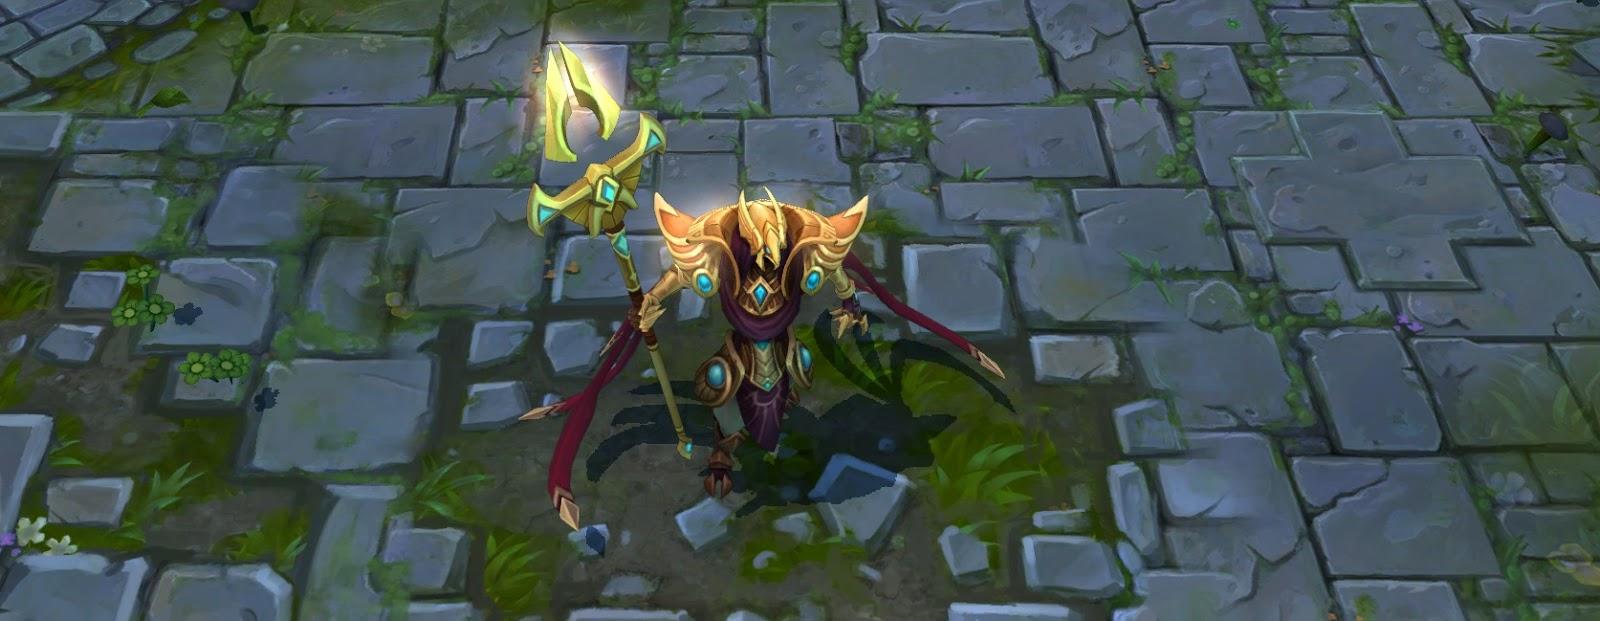 Azir - O imperador das areias [lol novo champion]